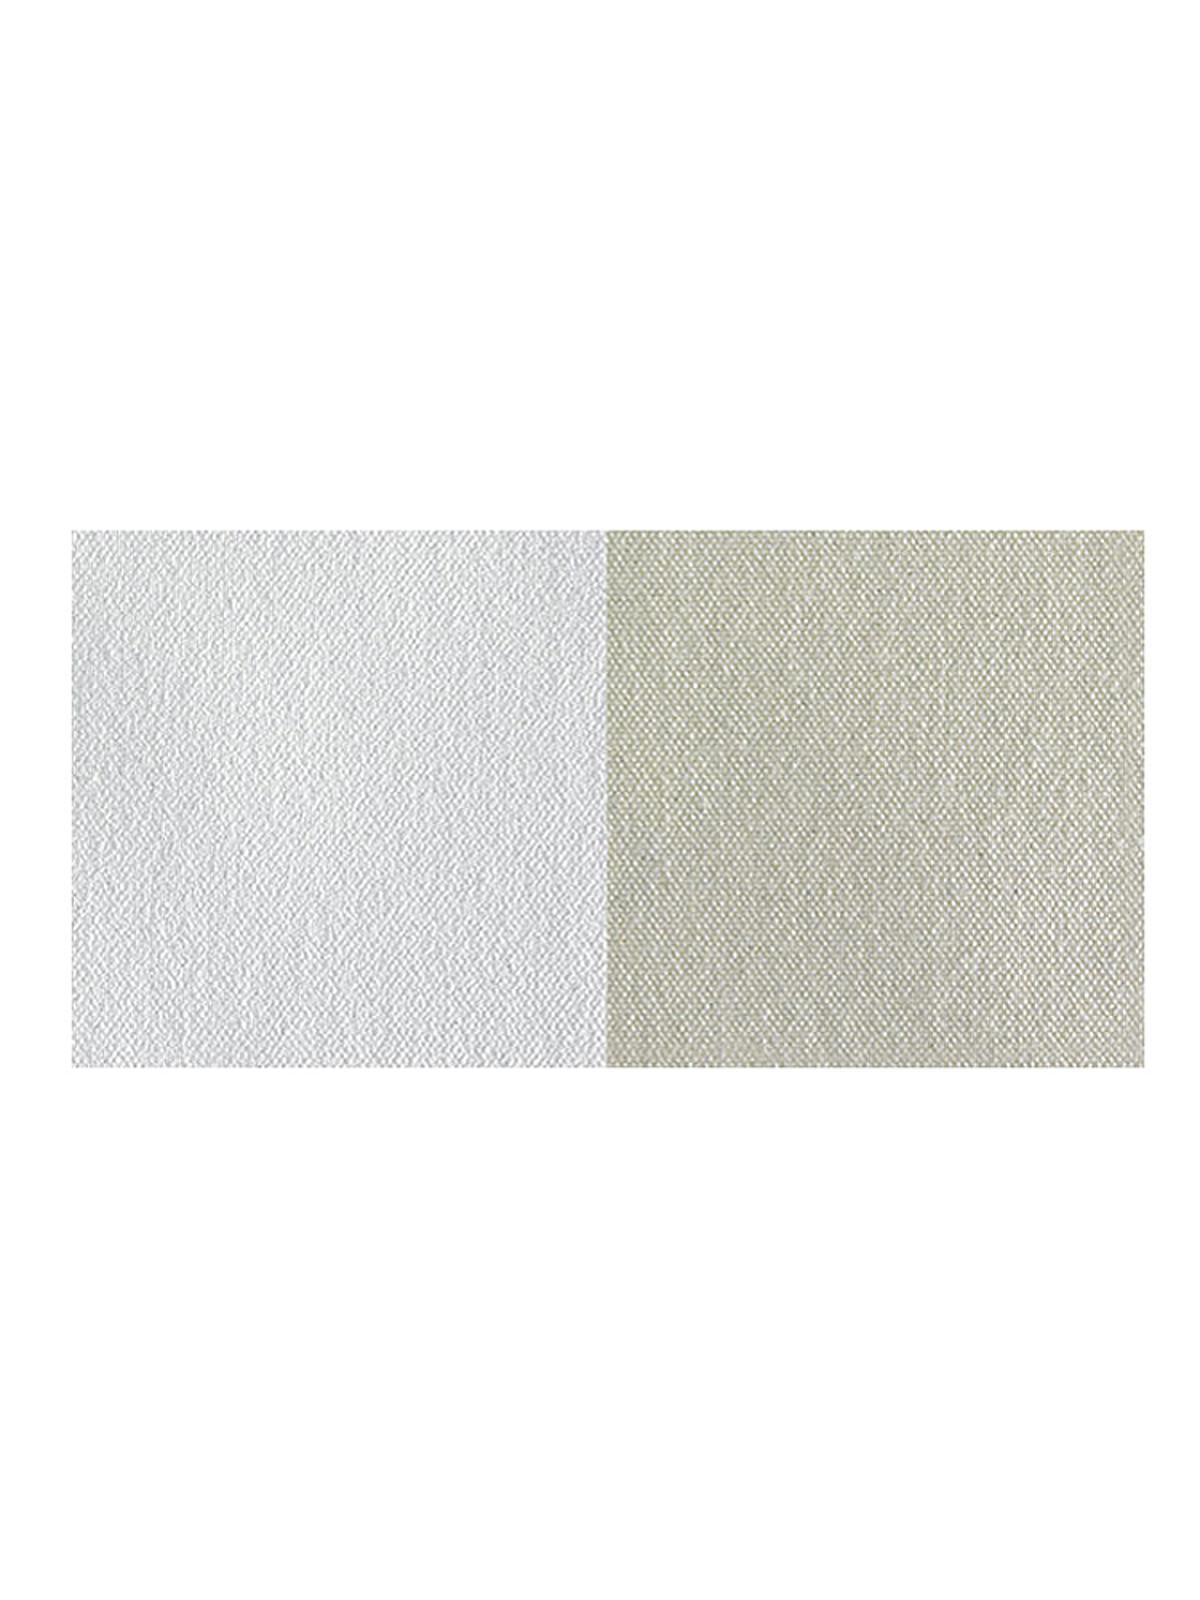 Dixie Primed Cotton Duck Canvas